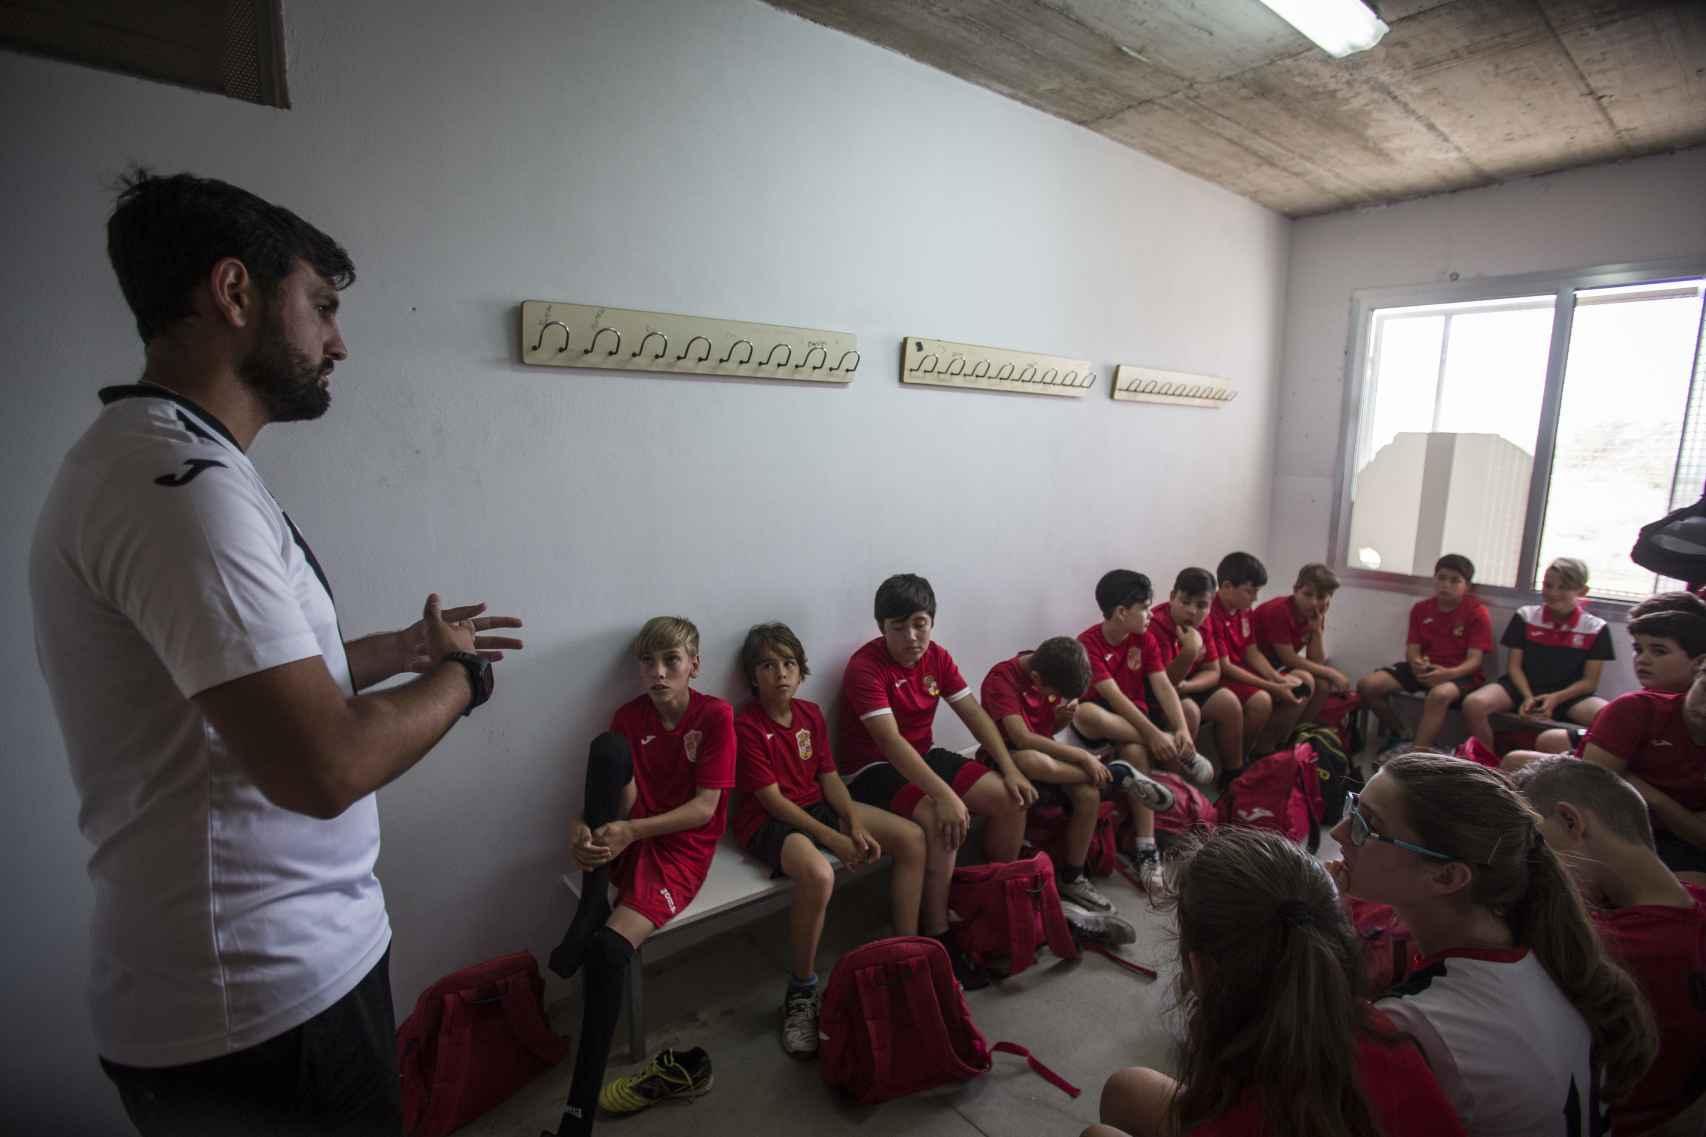 Valeriano Fernández, técnico de la Asociación Deportiva Albuñol, dirigiéndose a sus jugadores en el vestuario antes del partido.